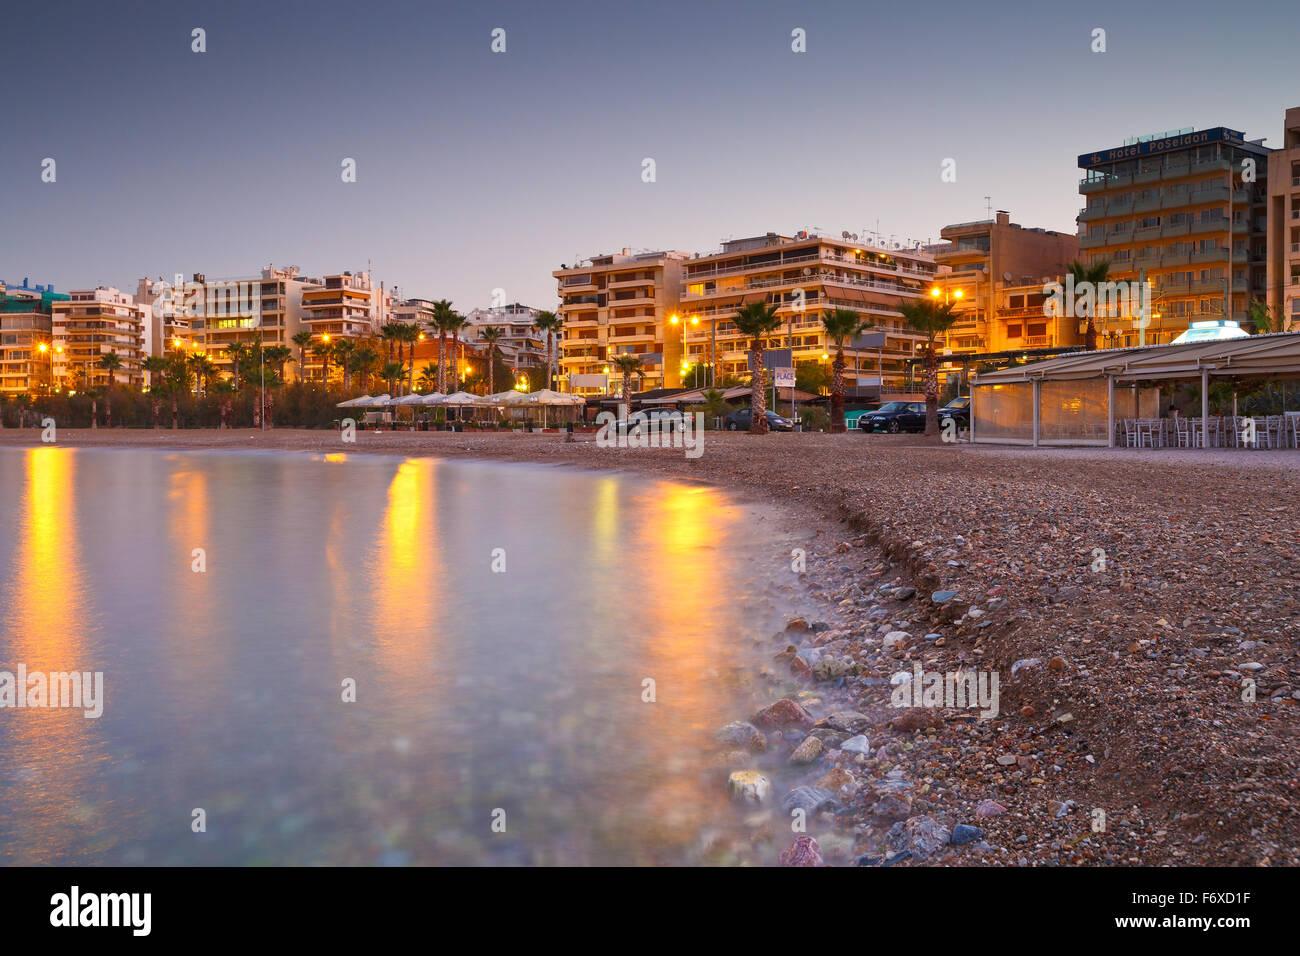 Spiaggia a Palaio Faliro e il lungomare di Atene, Grecia Immagini Stock